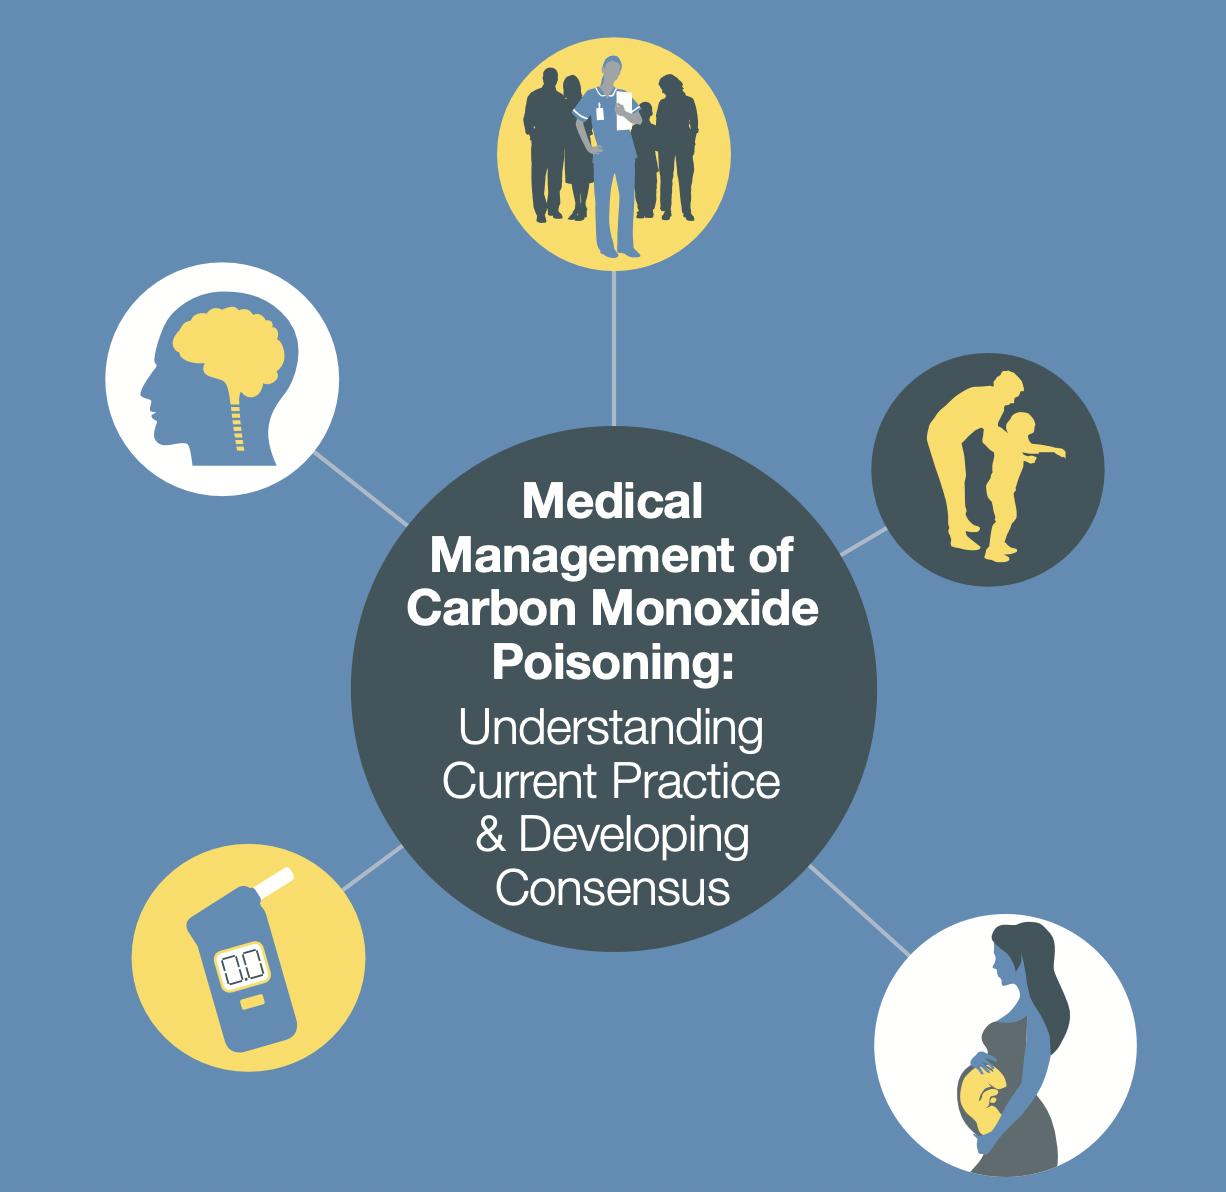 Medical management of CO